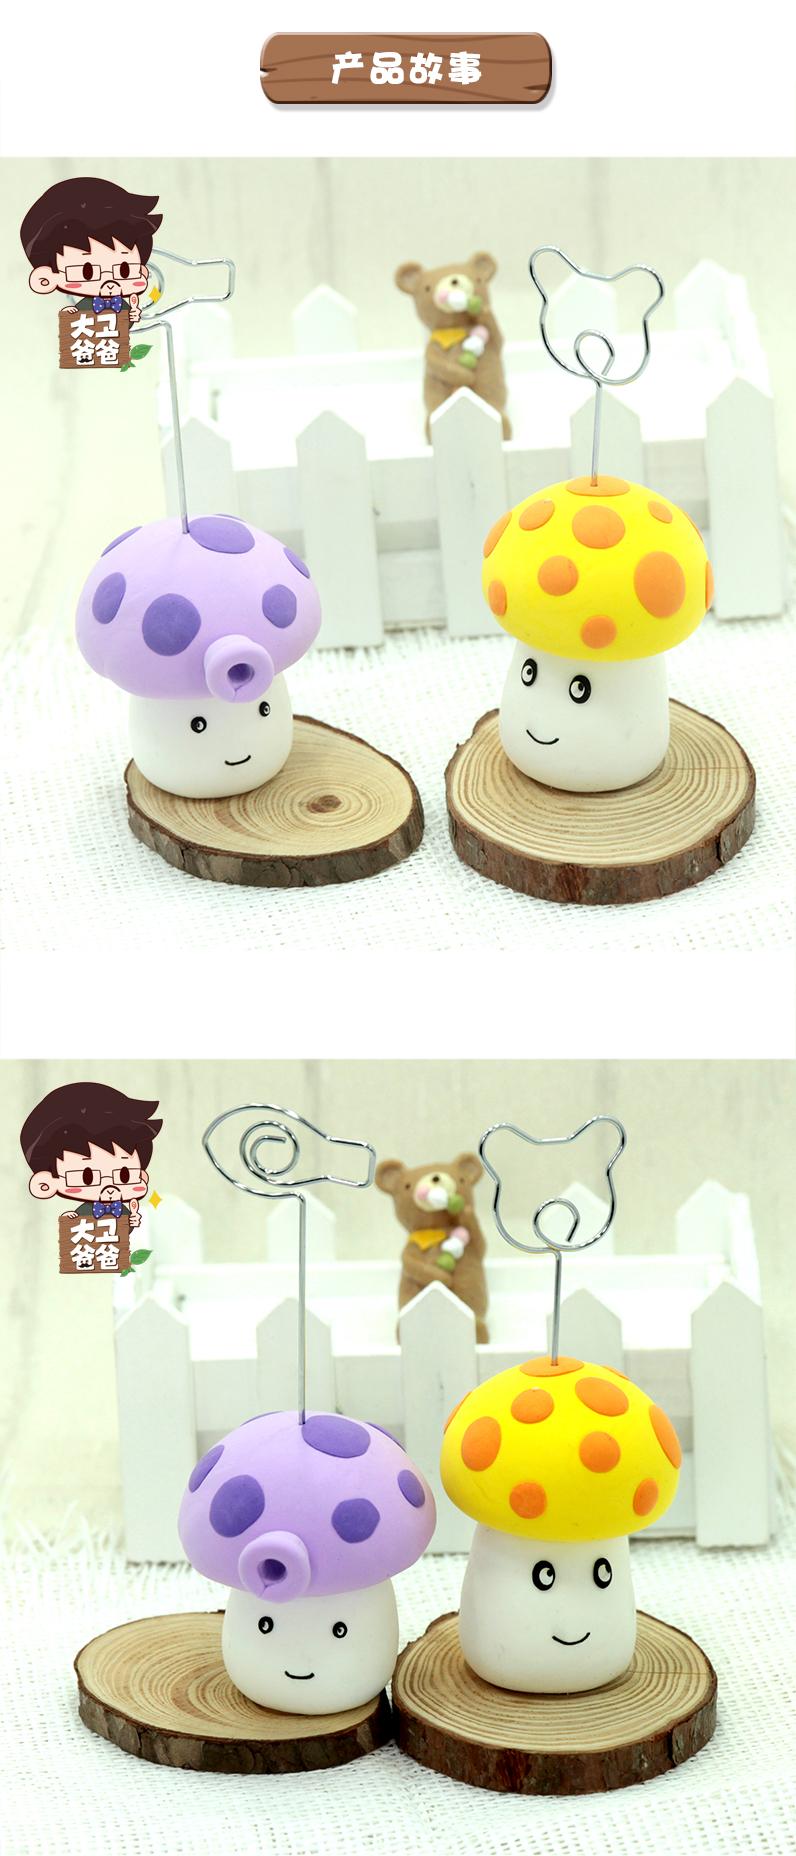 超轻粘土 蘑菇便签夹 儿童手工diy制作材料包橡皮泥幼儿园玩具